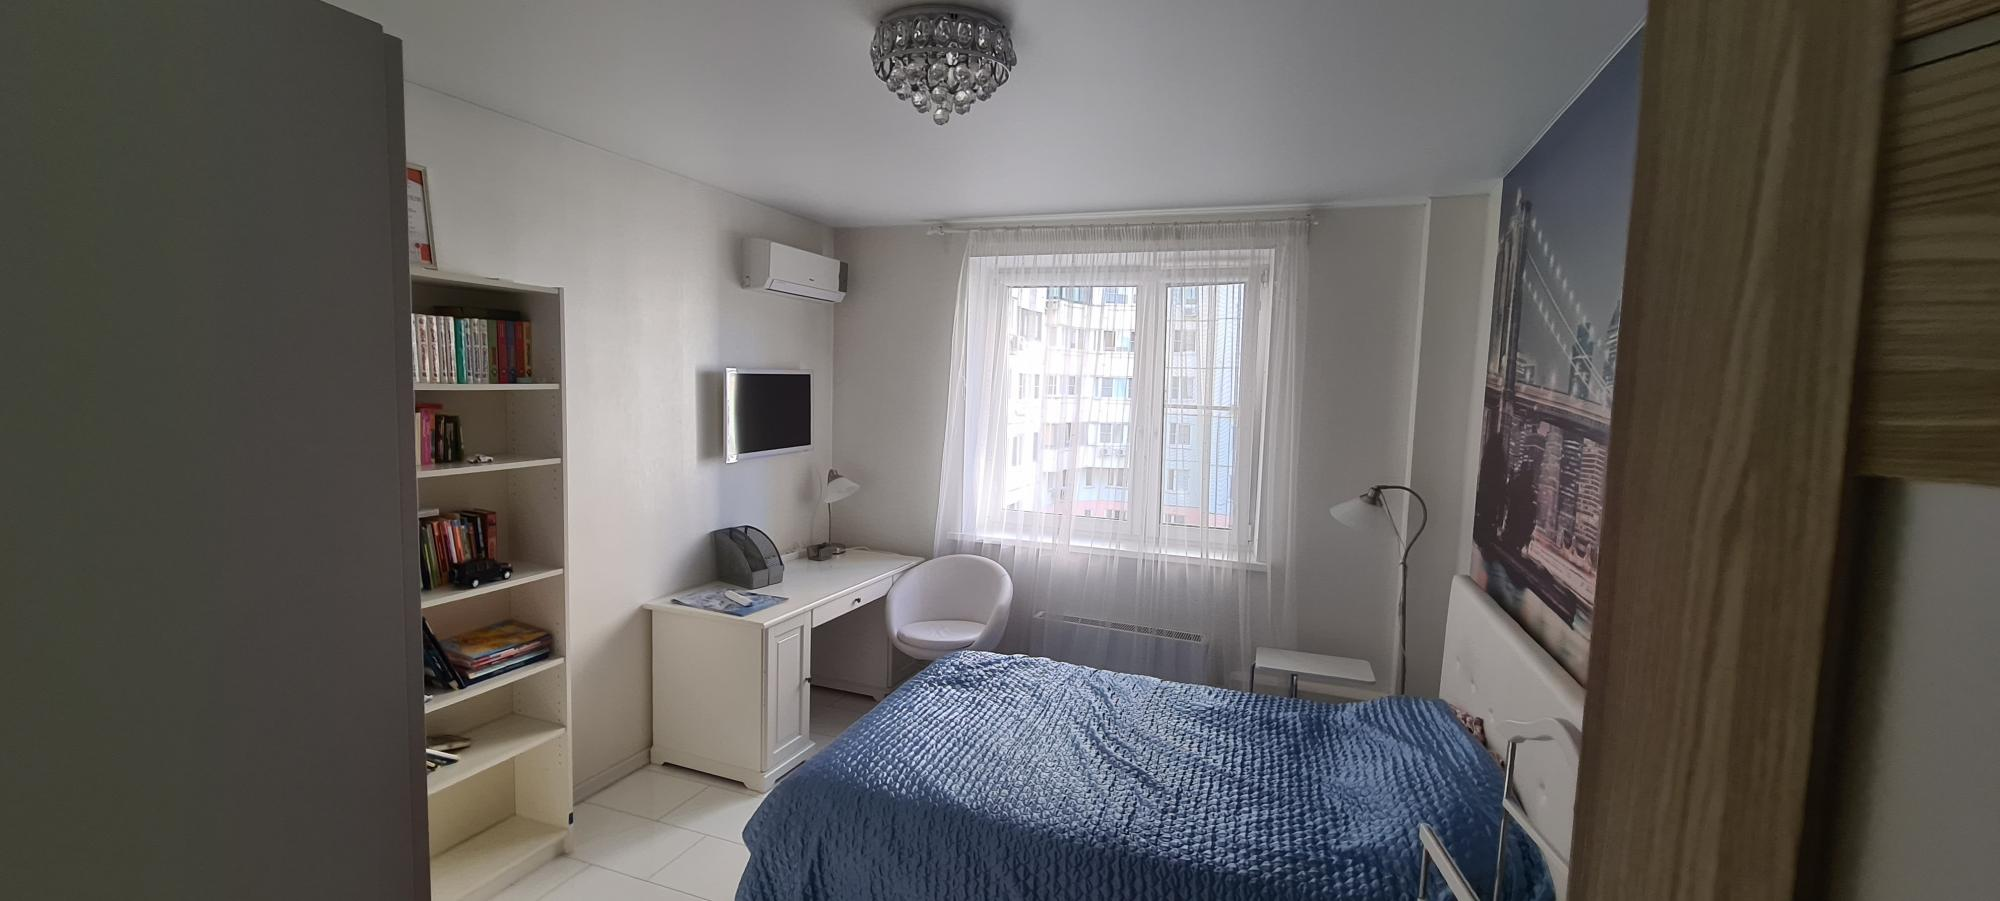 Квартира, 3 комнаты, 96 м² в Москве 89154177177 купить 2